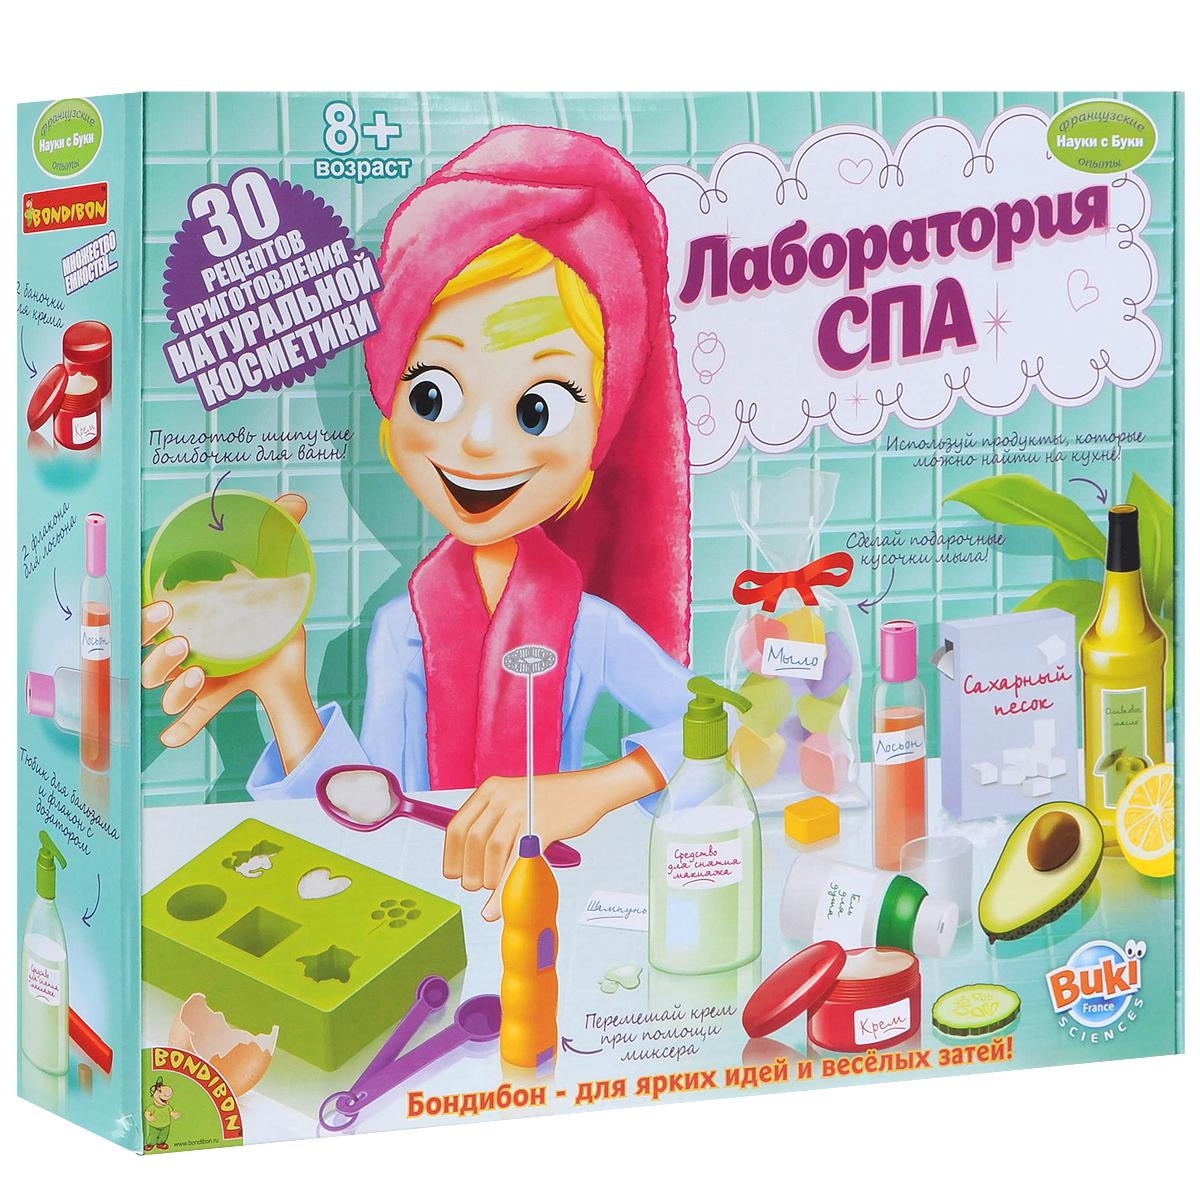 Научно-познавательный набор Bondibon Лаборатория СПАВВ1051Набор Bondibon Лаборатория СПА - 30 рецептов приготовления натуральной косметики - это просто клад для юной барышни, которая учится ухаживать за своим телом, волосами и лицом! Как приготовить шампунь из яиц, как сделать подарочные варианты красивого и вкусного мыла, как приготовить из продуктов, которые есть на кухне, отличный крем, как создать самостоятельно шипучие бомбочки для ванн, средство для снятия макияжа или гель для душа и многое - многое другое - всему этому научит Лаборатория СПА. Ваши милые девочки останутся довольными, чистыми и вкусно пахнущими… В набор входят: 1 миксер, 1 флакон с дозатором, воронка, миска, 2 баночки по 30 мл., пипетка, 20 наклеек, силиконовая форма, шпатель, пищевая сода 50 гр., 3 мерных ложки, тюбик для бальзама, 10 ленточек и 10 пакетиков, мыло 150 гр., 2 пары перчаток, 2 вакуумных флакона по 50 мл., 2 бутылочки по 60 мл., 2 флакона для шампуня по 60 мл., лимонная кислота 20 гр., пошаговая иллюстрированная...